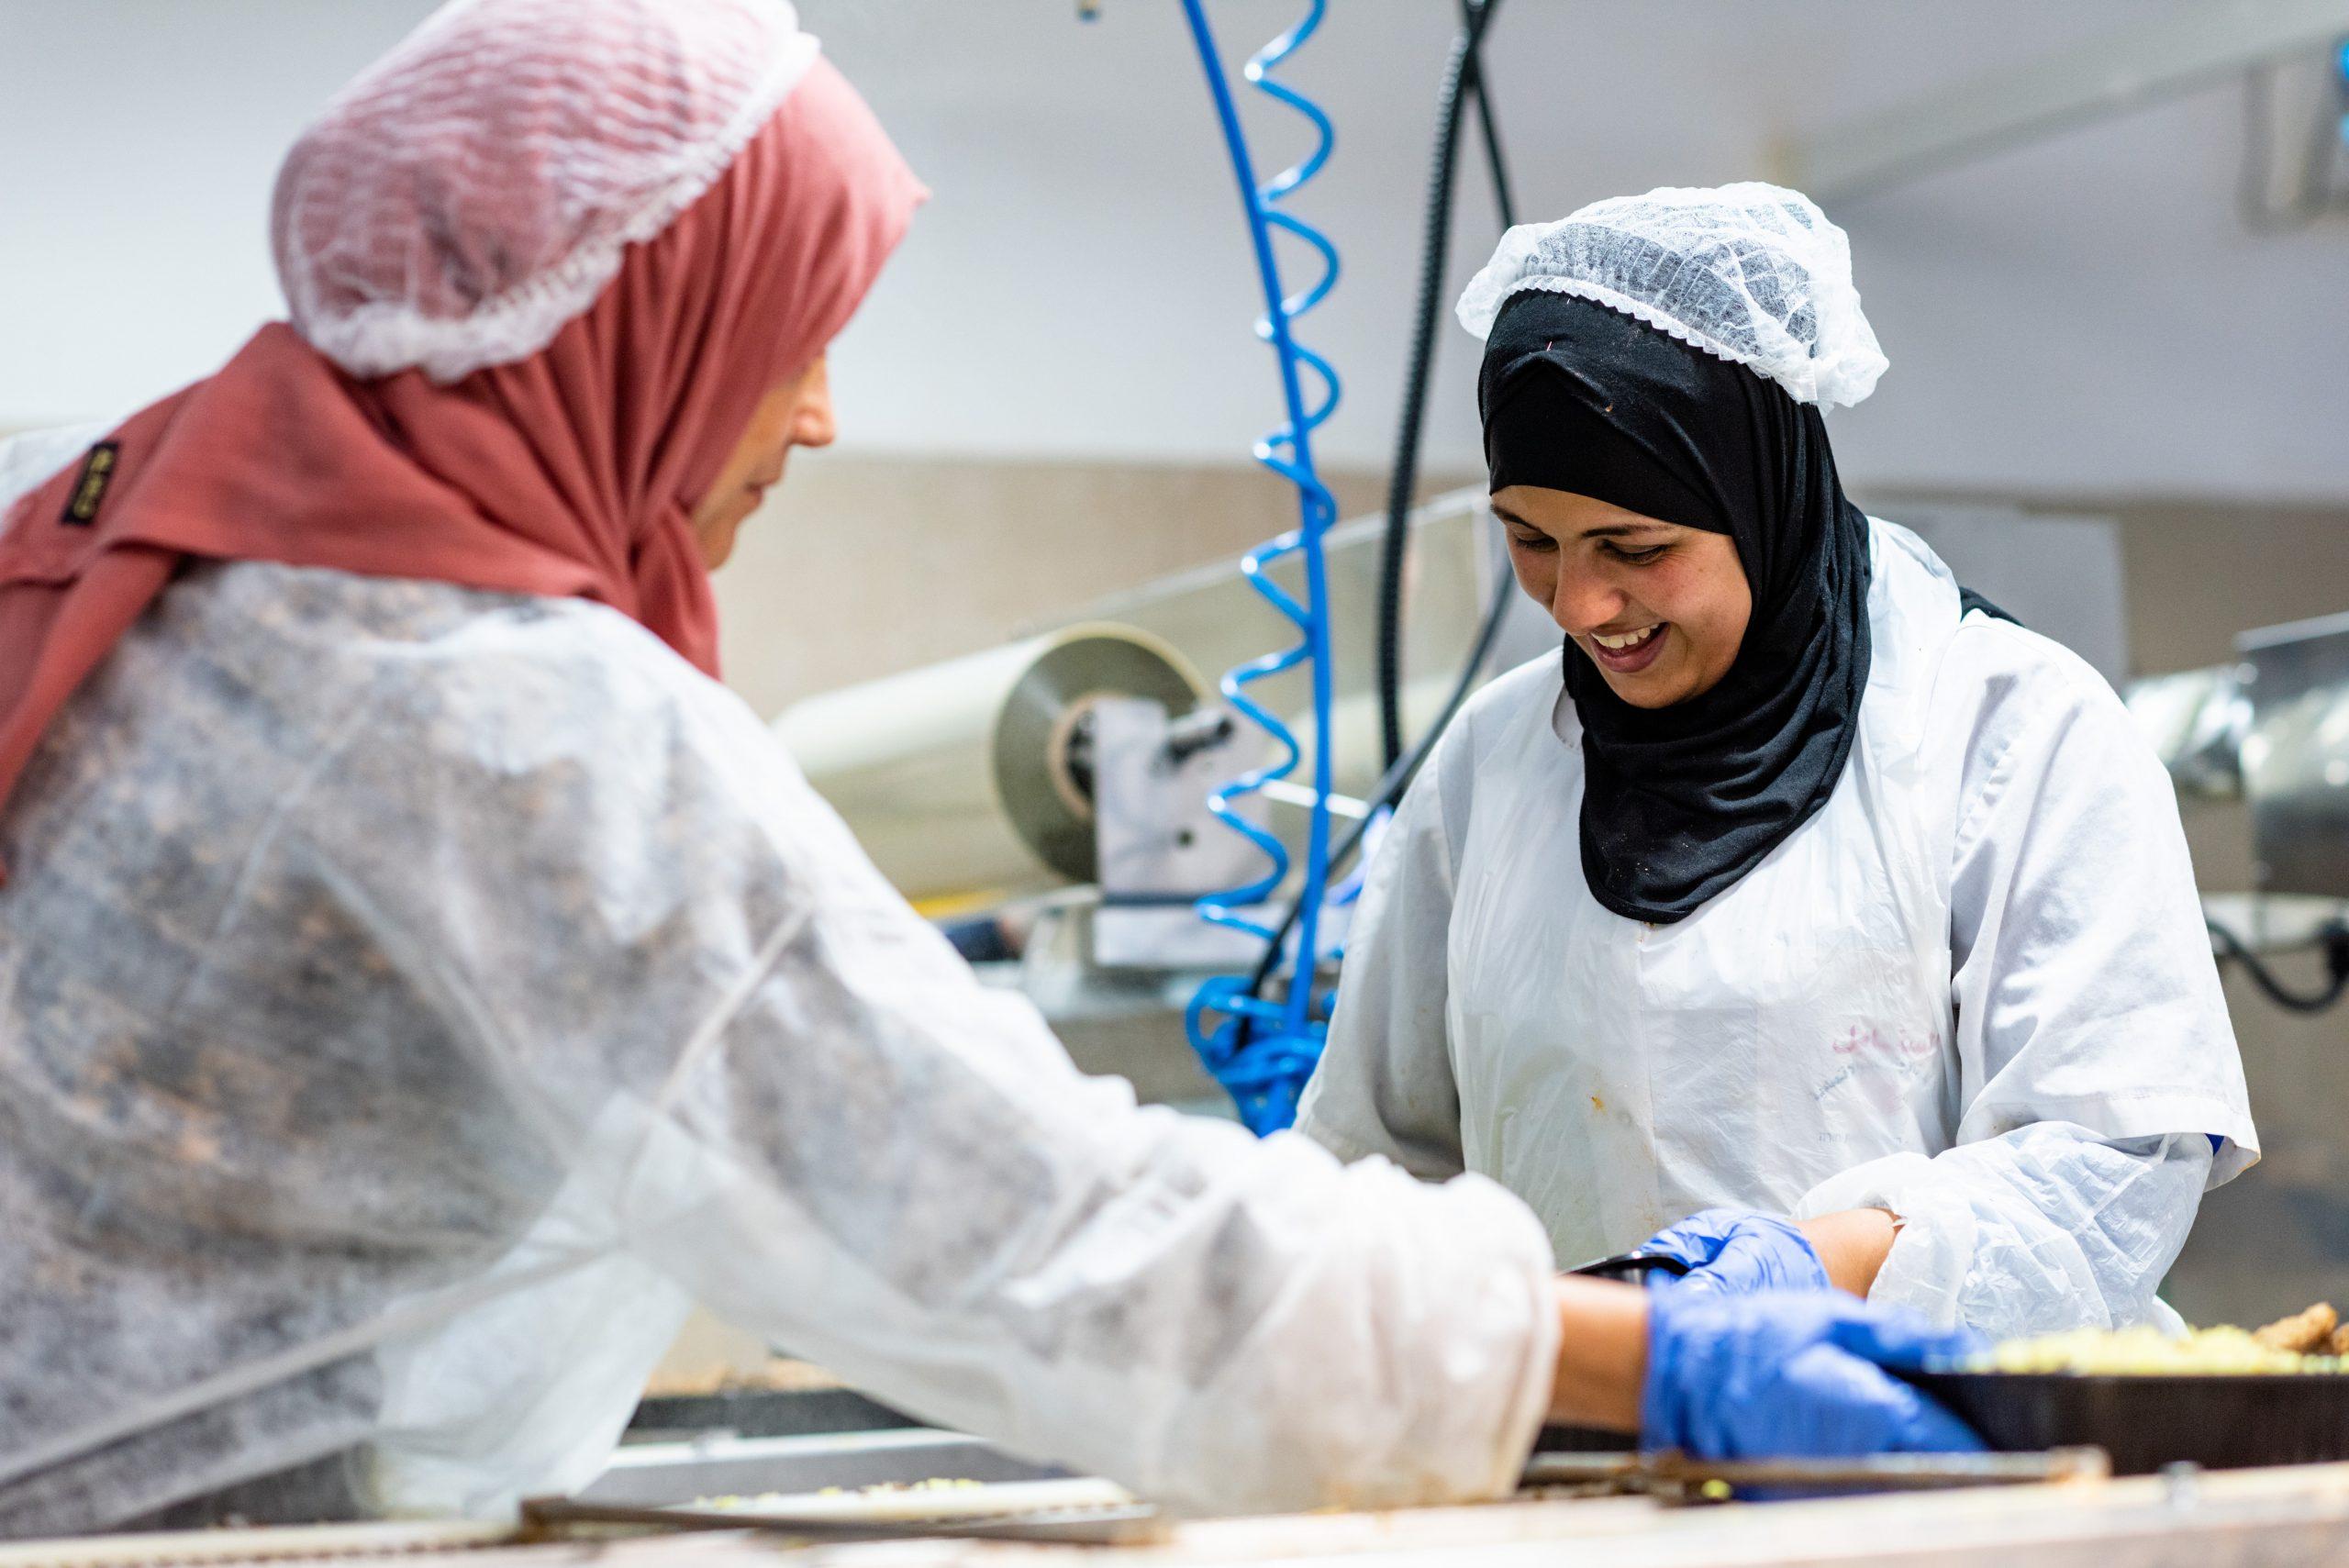 שיתוף פעולה של קרן מנומדין עם Si3 לקידום השקעות אימפקט בישראל: המיזם החברתי אל-סאנאבל קייטרינג.